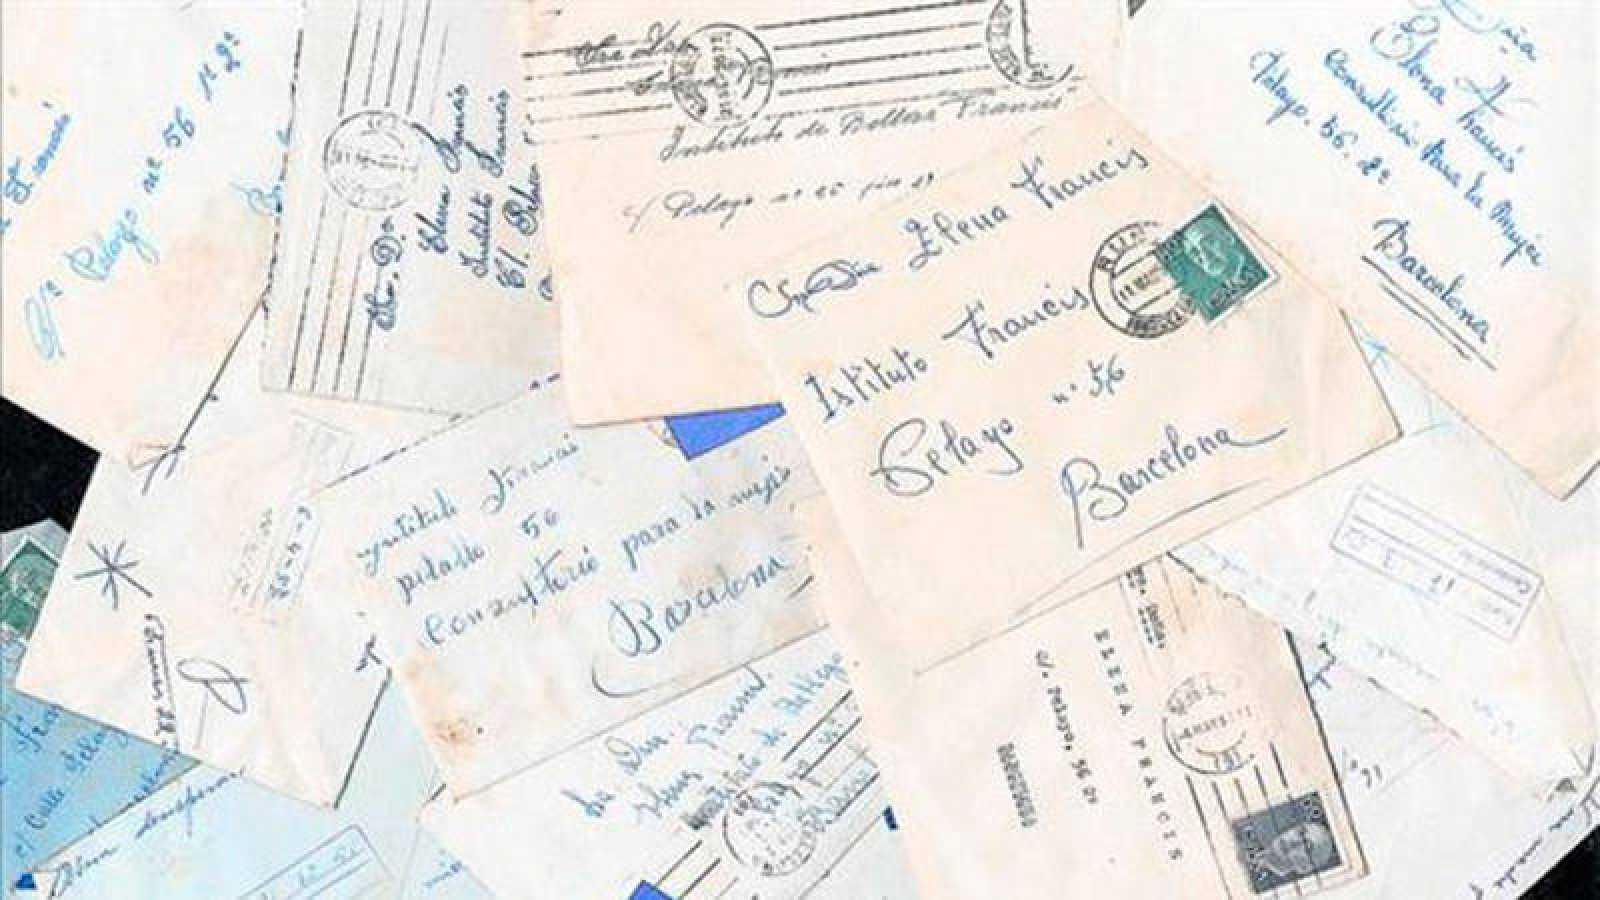 Cartas del  'Consultorio de Elena Francis'